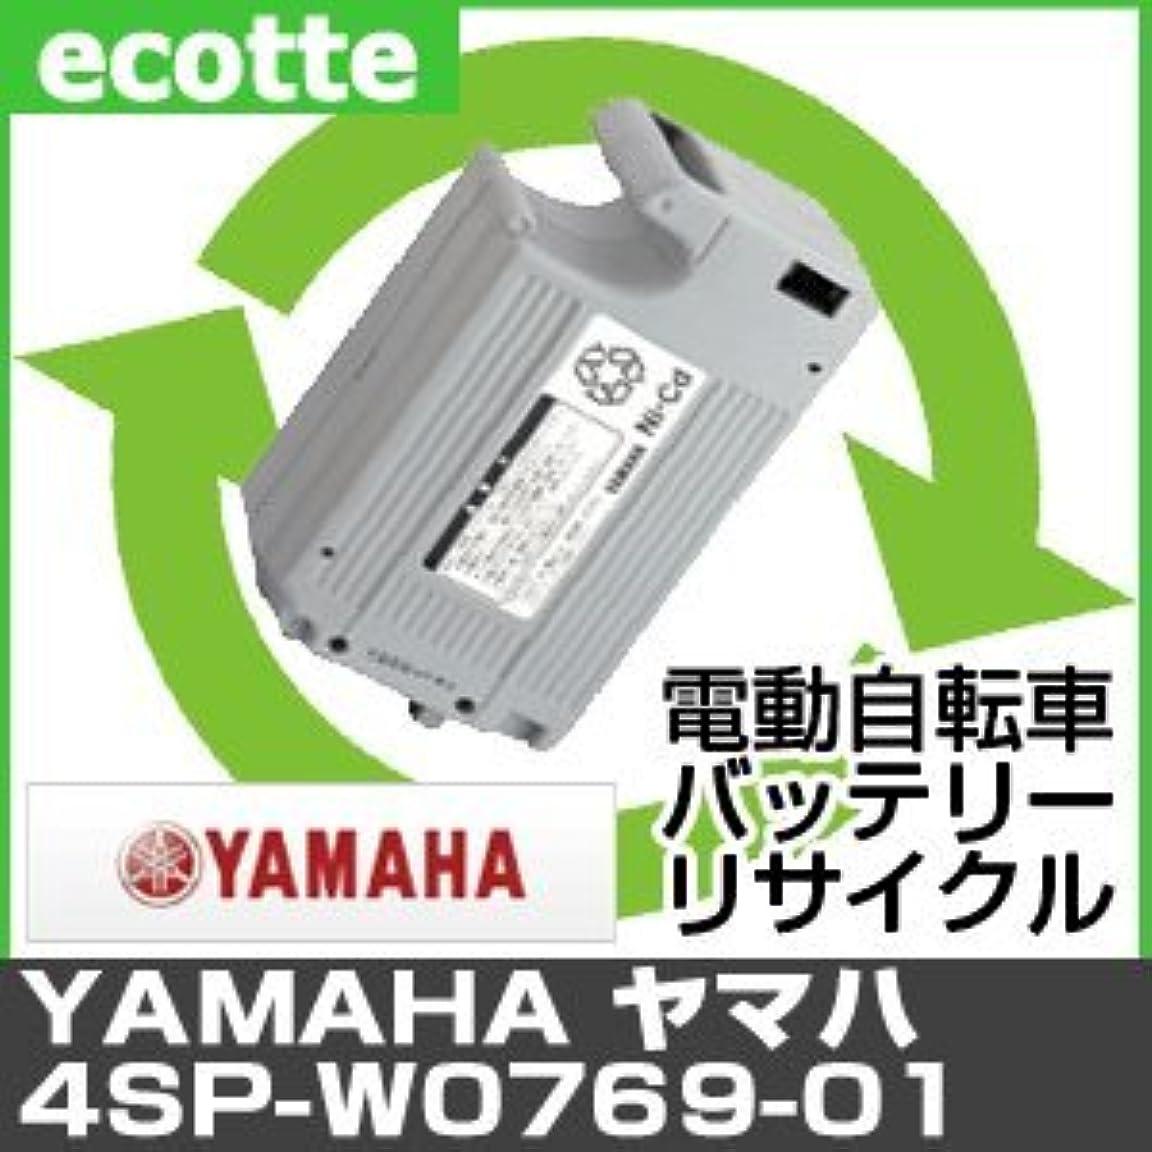 ヒステリック教え企業【お預かりして再生】 4SP-W0769-01 YAMAHA ヤマハ 電動自転車 バッテリー リサイクル サービス Ni-MH